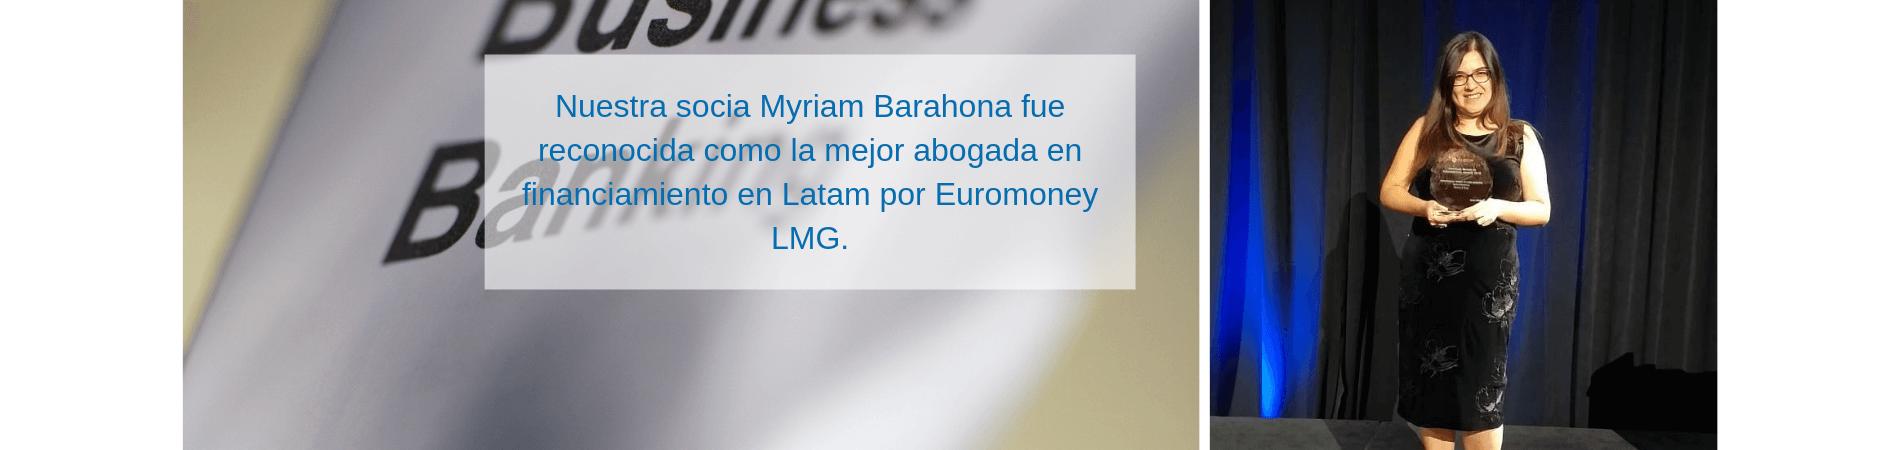 Myriam Barahona reconocida como mejor abogada en financiamiento en Latam por Euromoney LMG